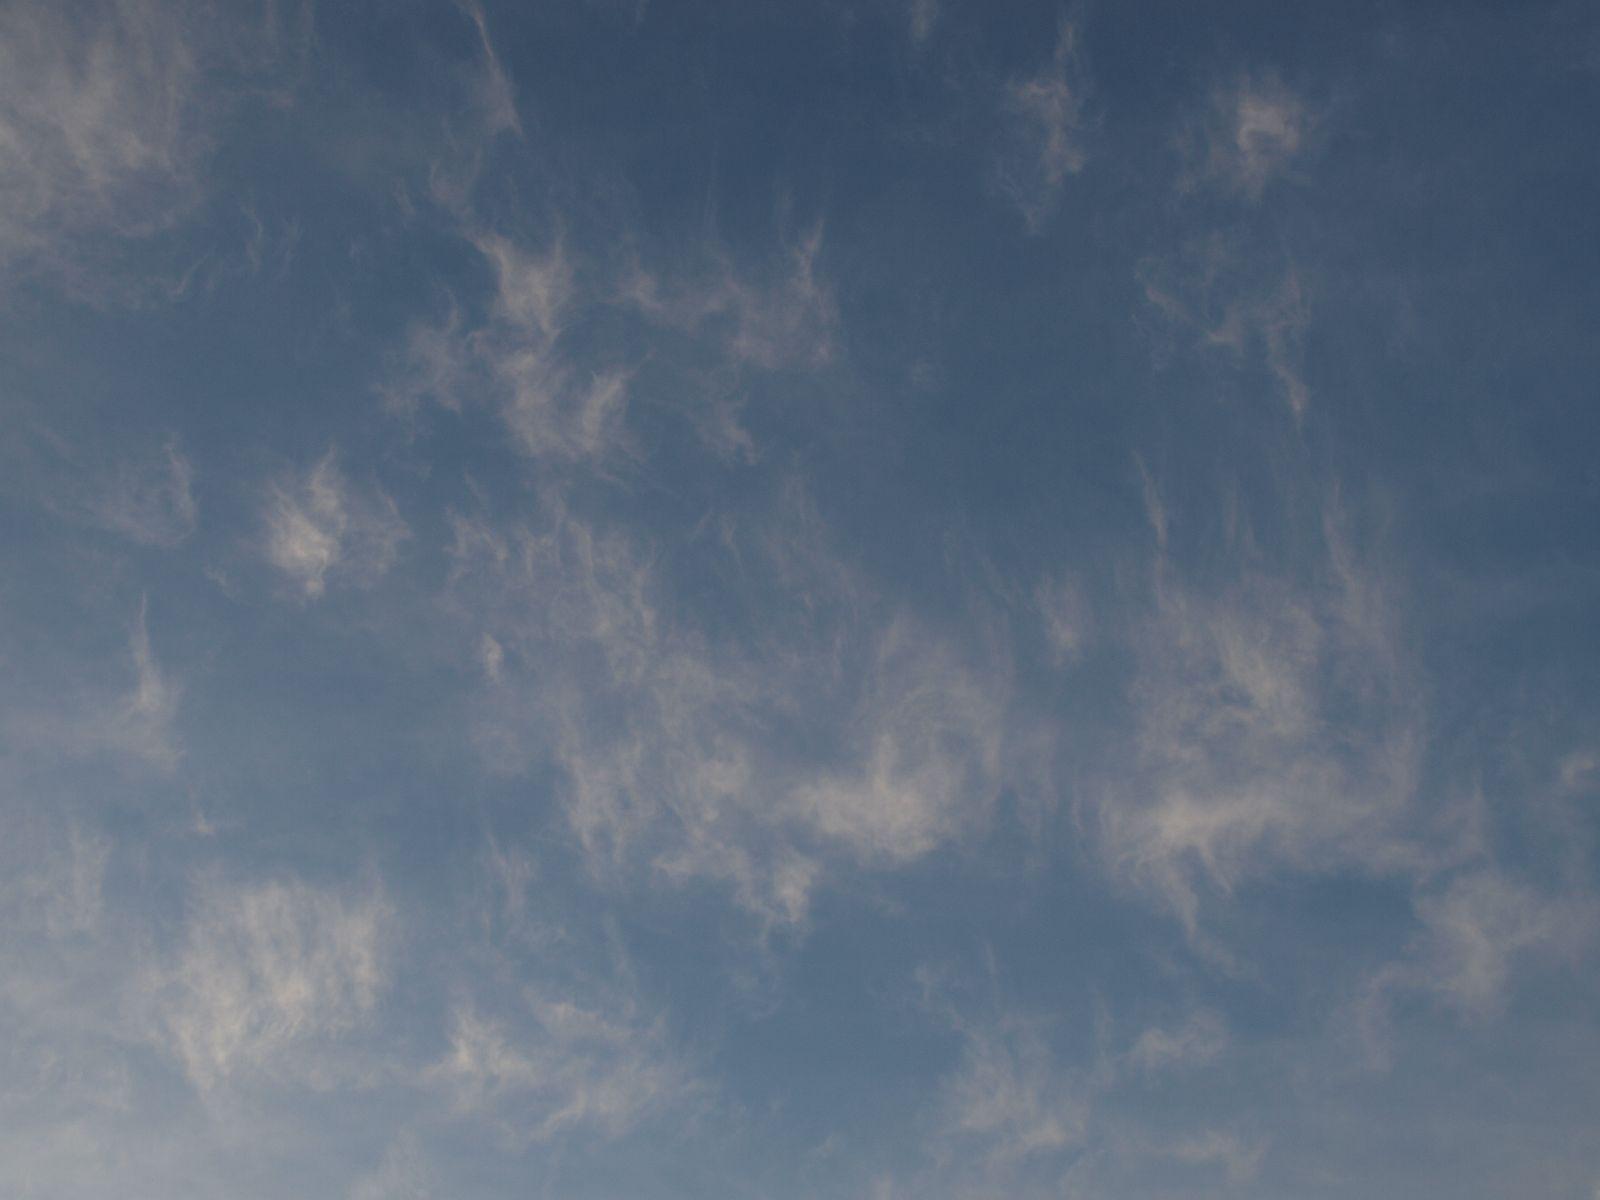 Himmel-Wolken-Foto_Textur_A_P9285510